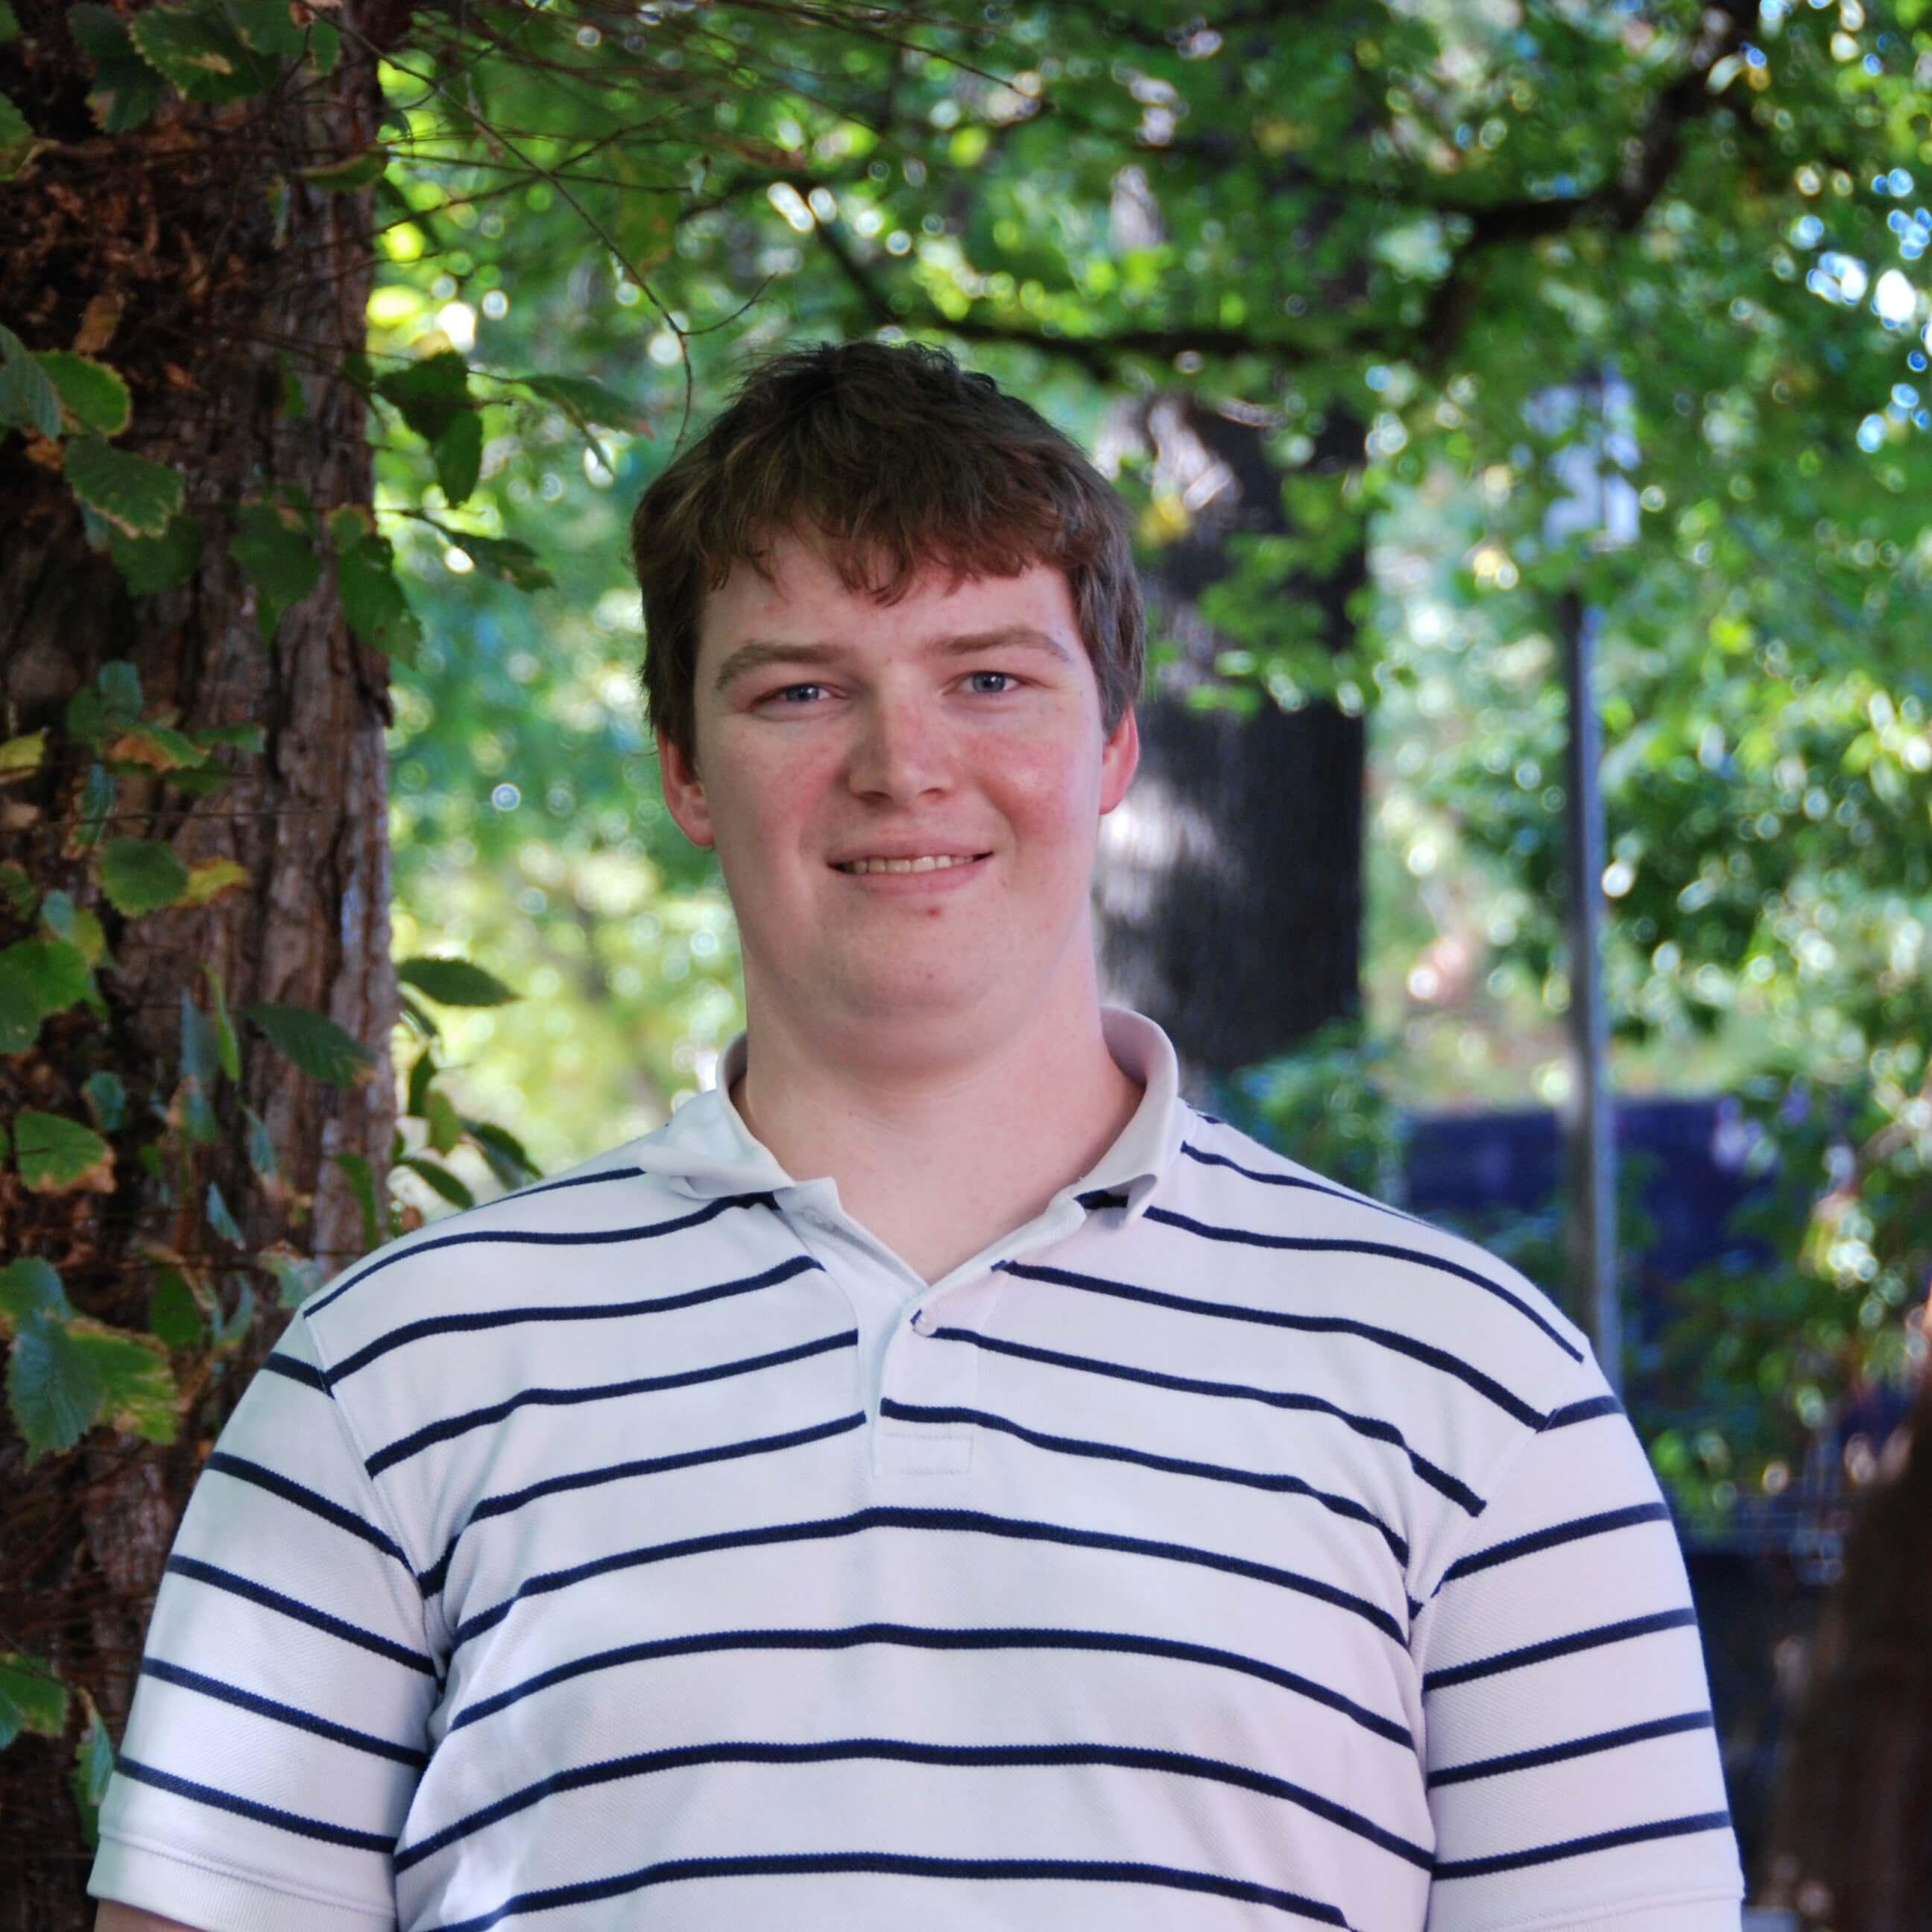 Conor Zellmer : Graduate Student